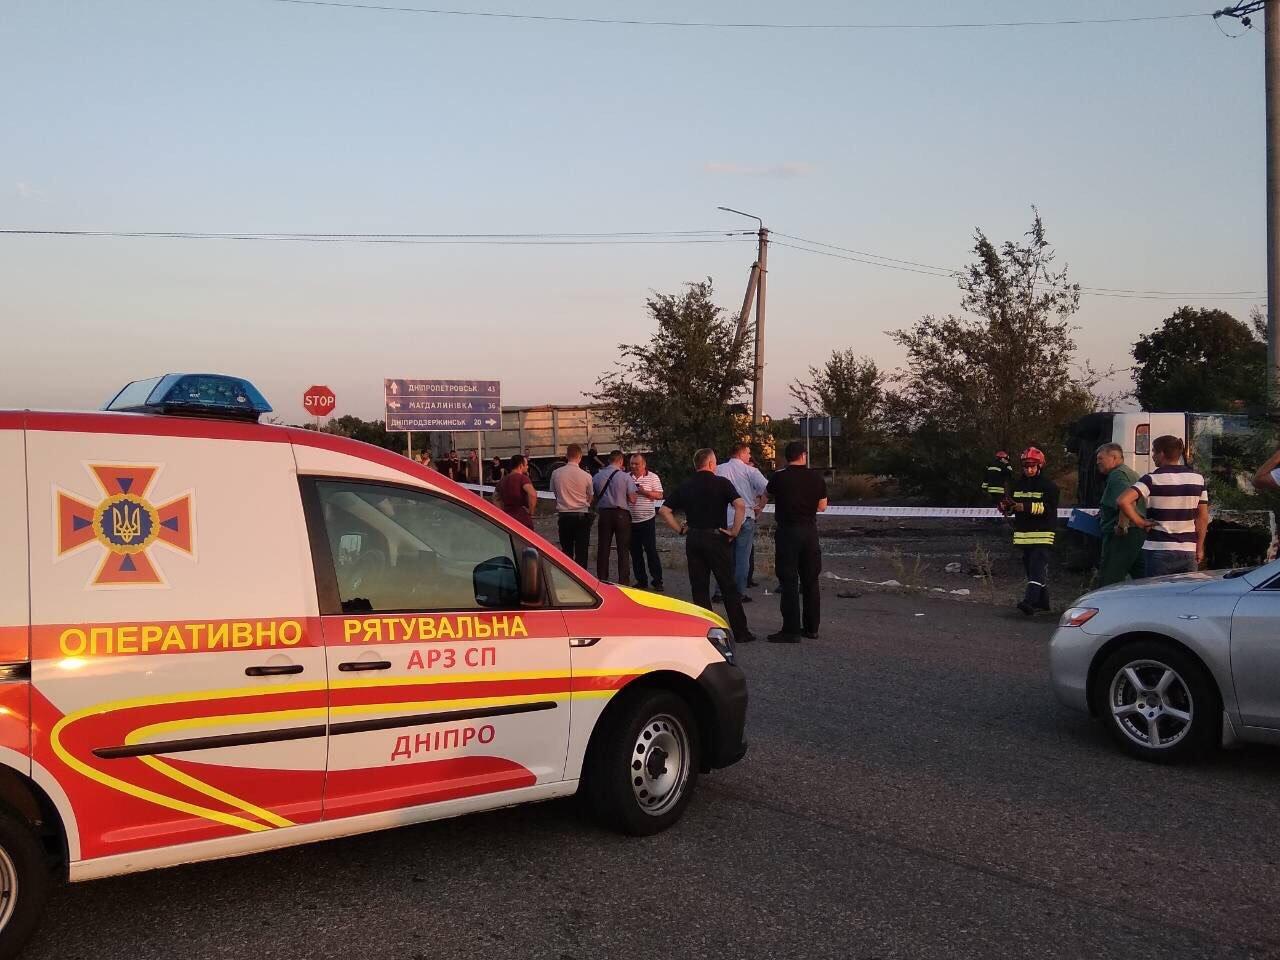 На Днепропетровщине столкнулись иномарка и рейсовый автобус: есть погибшие,  - ФОТО, фото-9